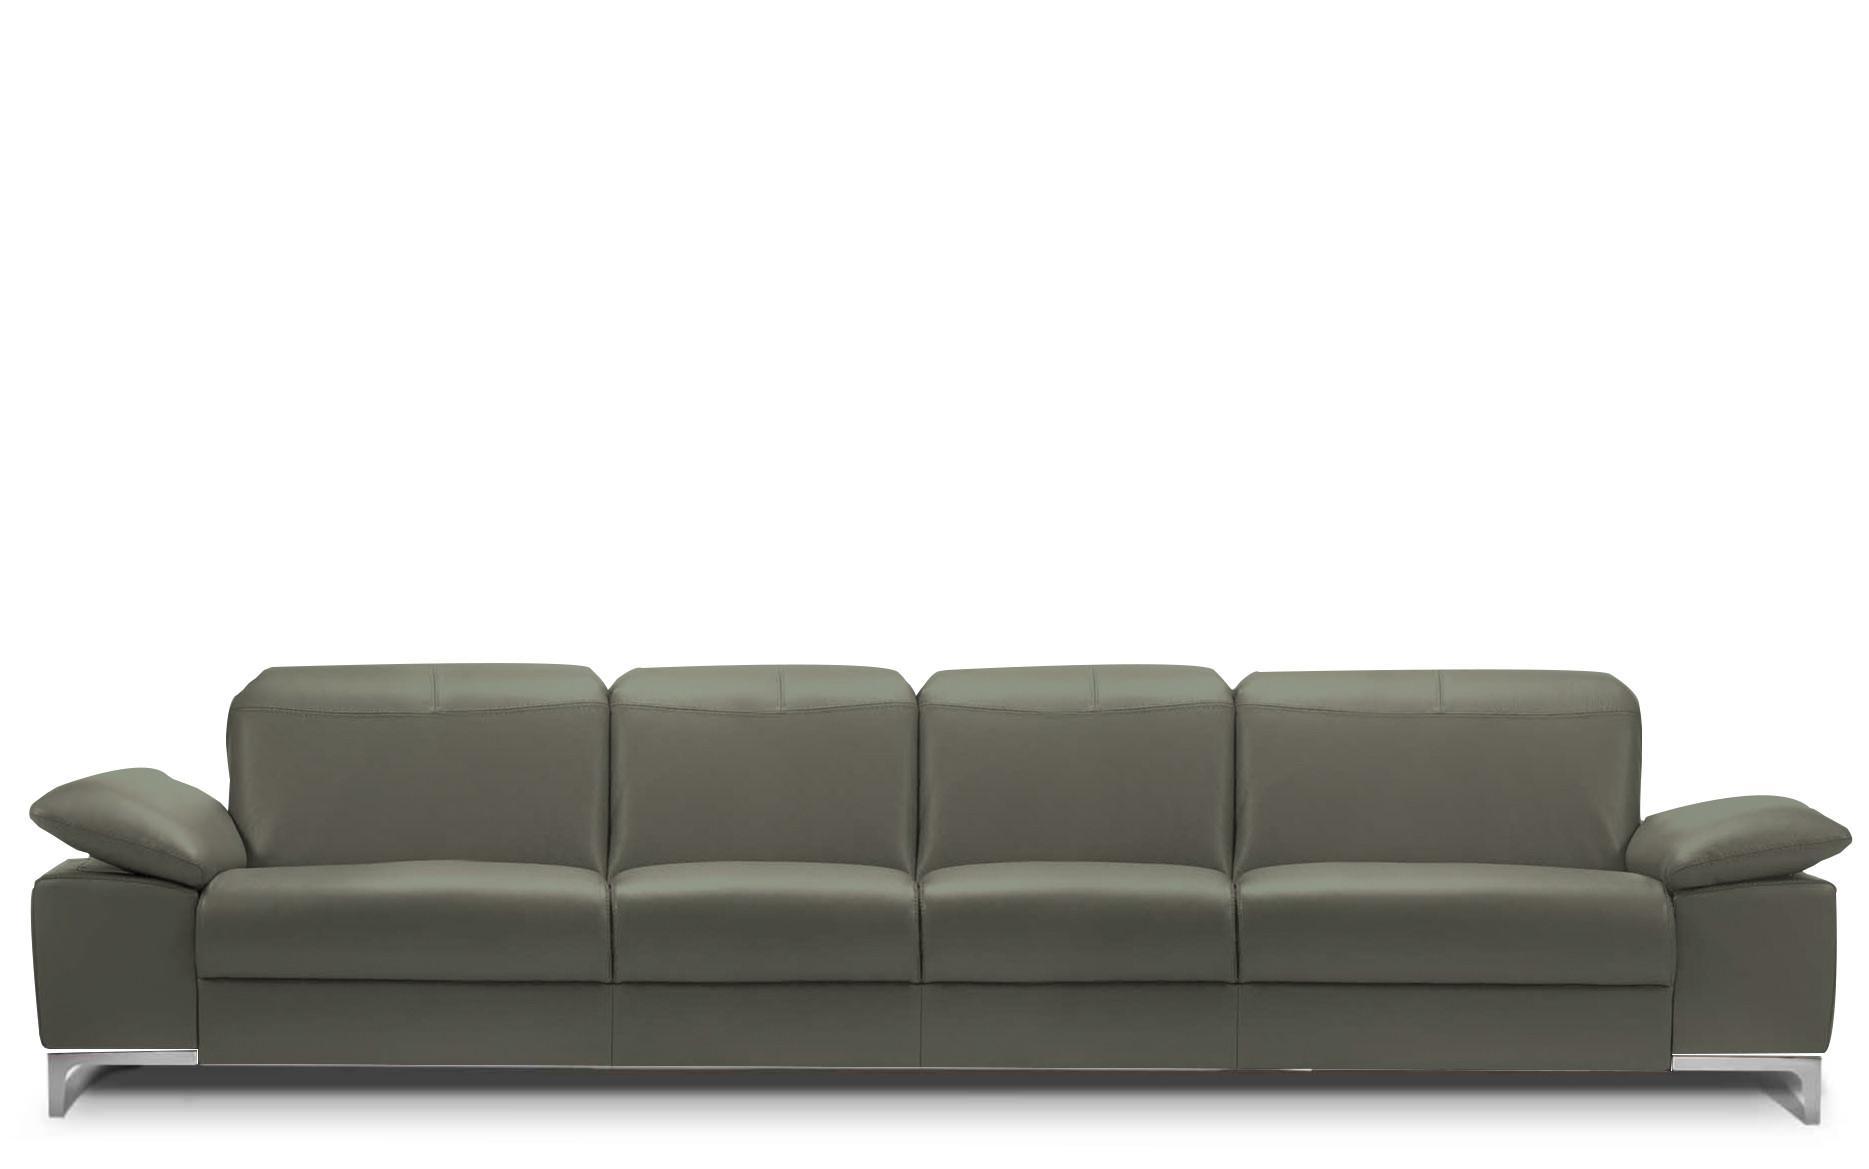 Rom Chronos 4 Seater Leather Sofa At Kontenta Throughout Seat Sofas